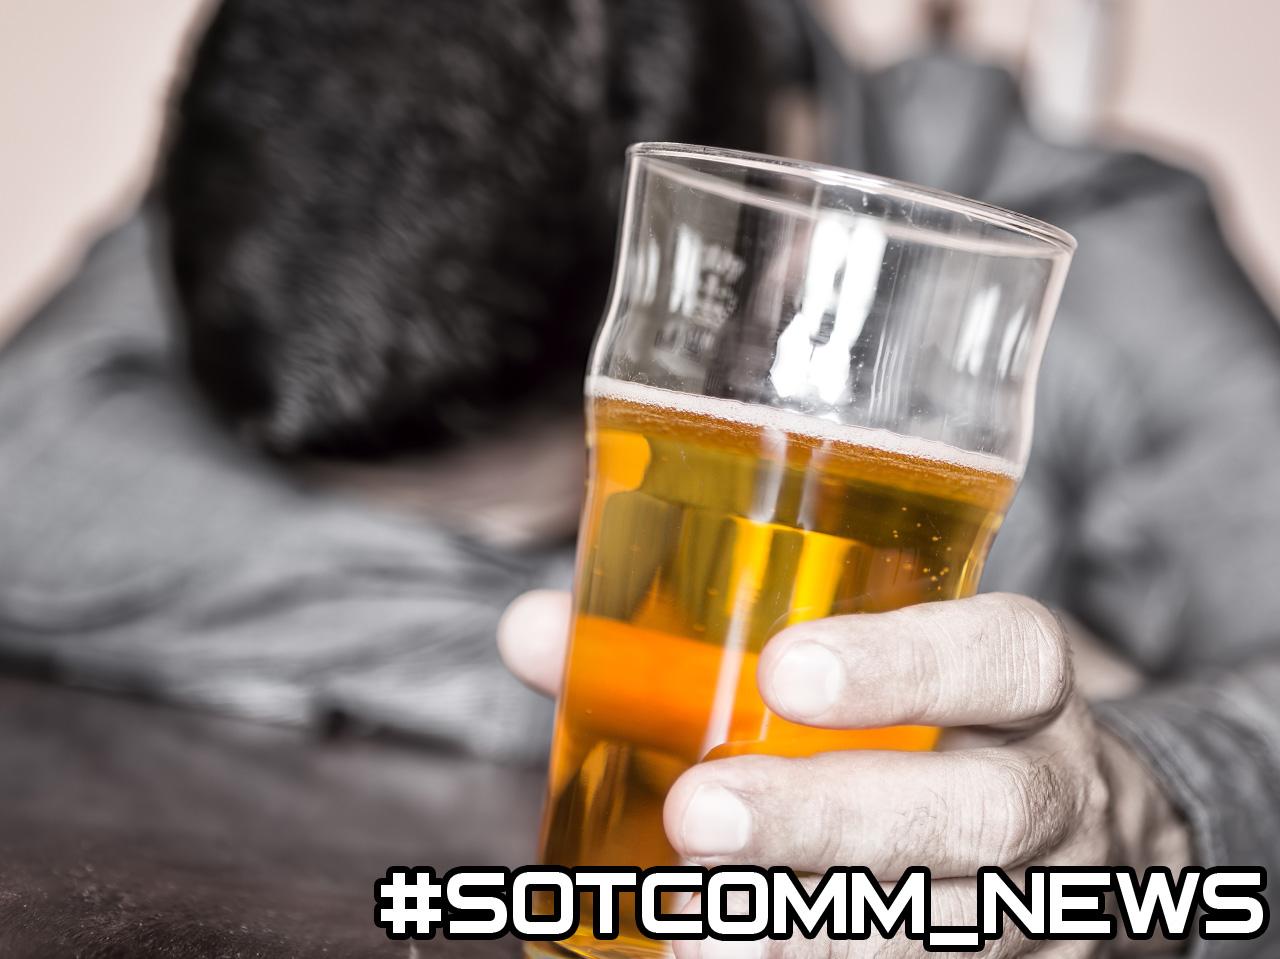 news_alcohol3